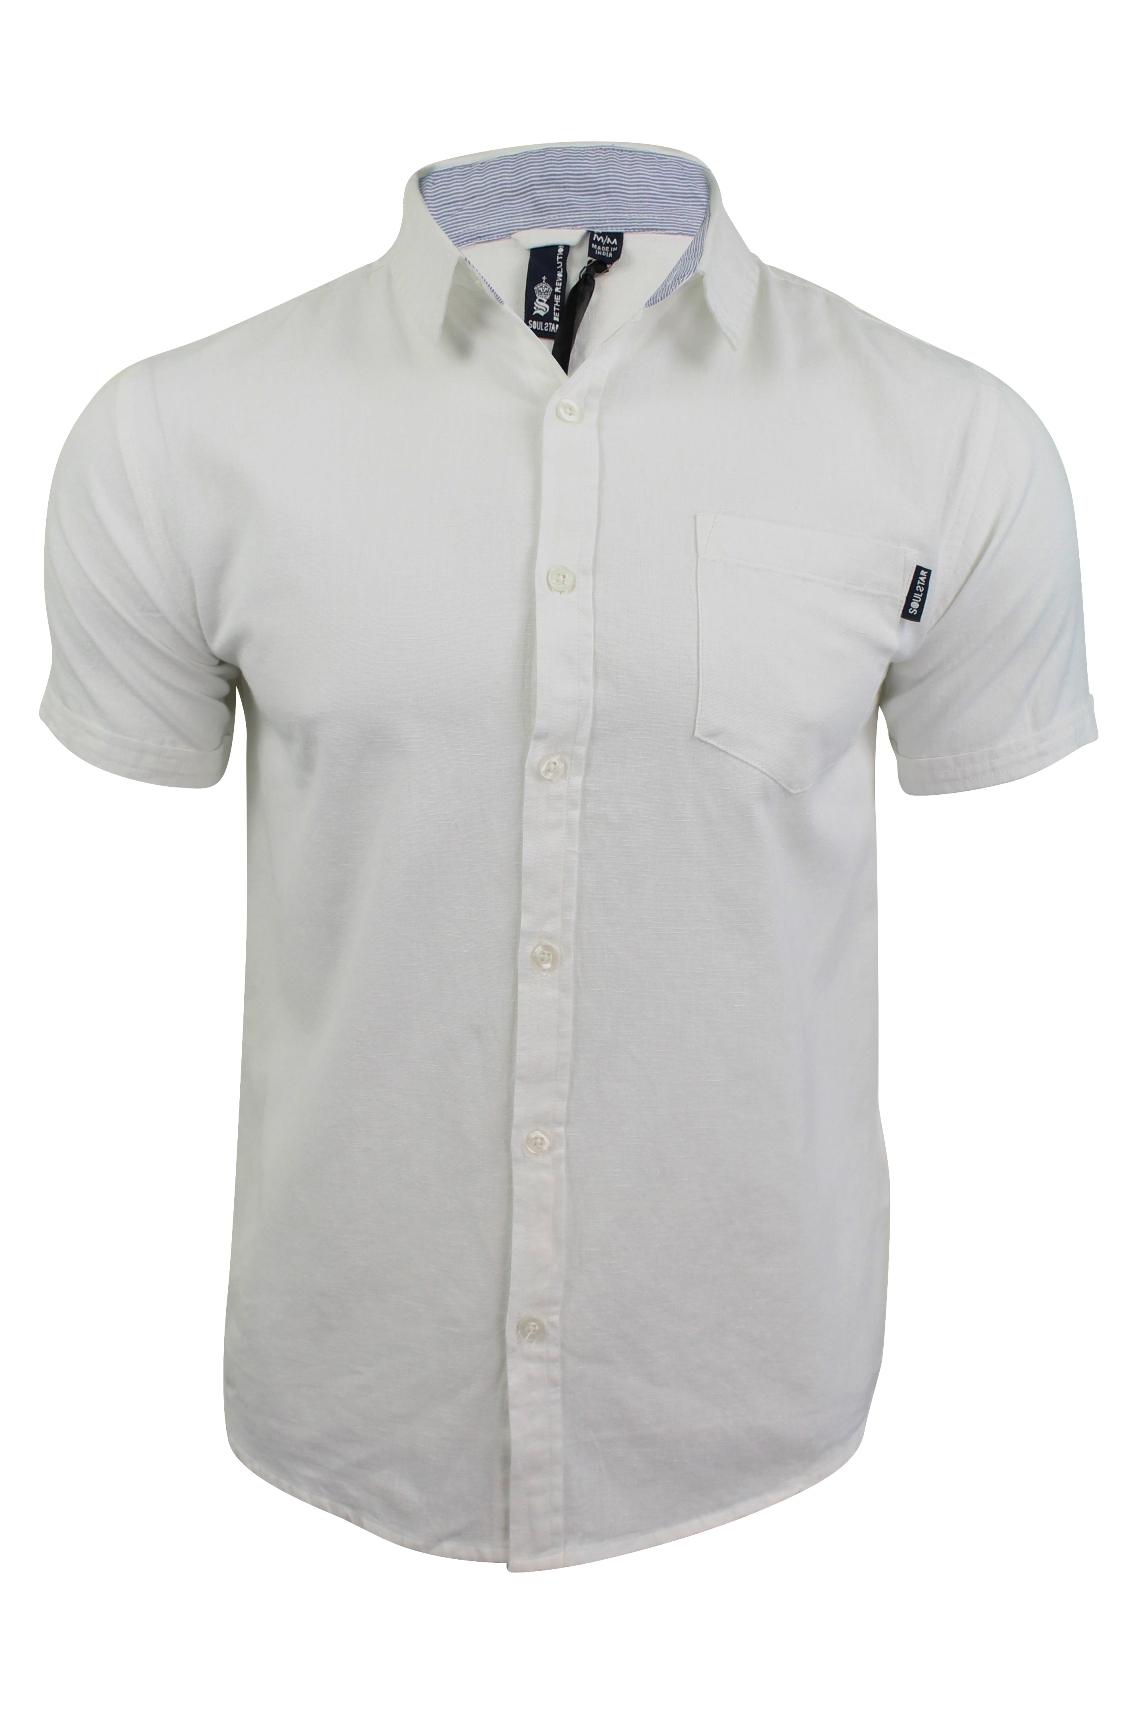 Mens linen shirt by soul star 39 cotlin 39 short sleeved ebay for Short sleeve linen shirt